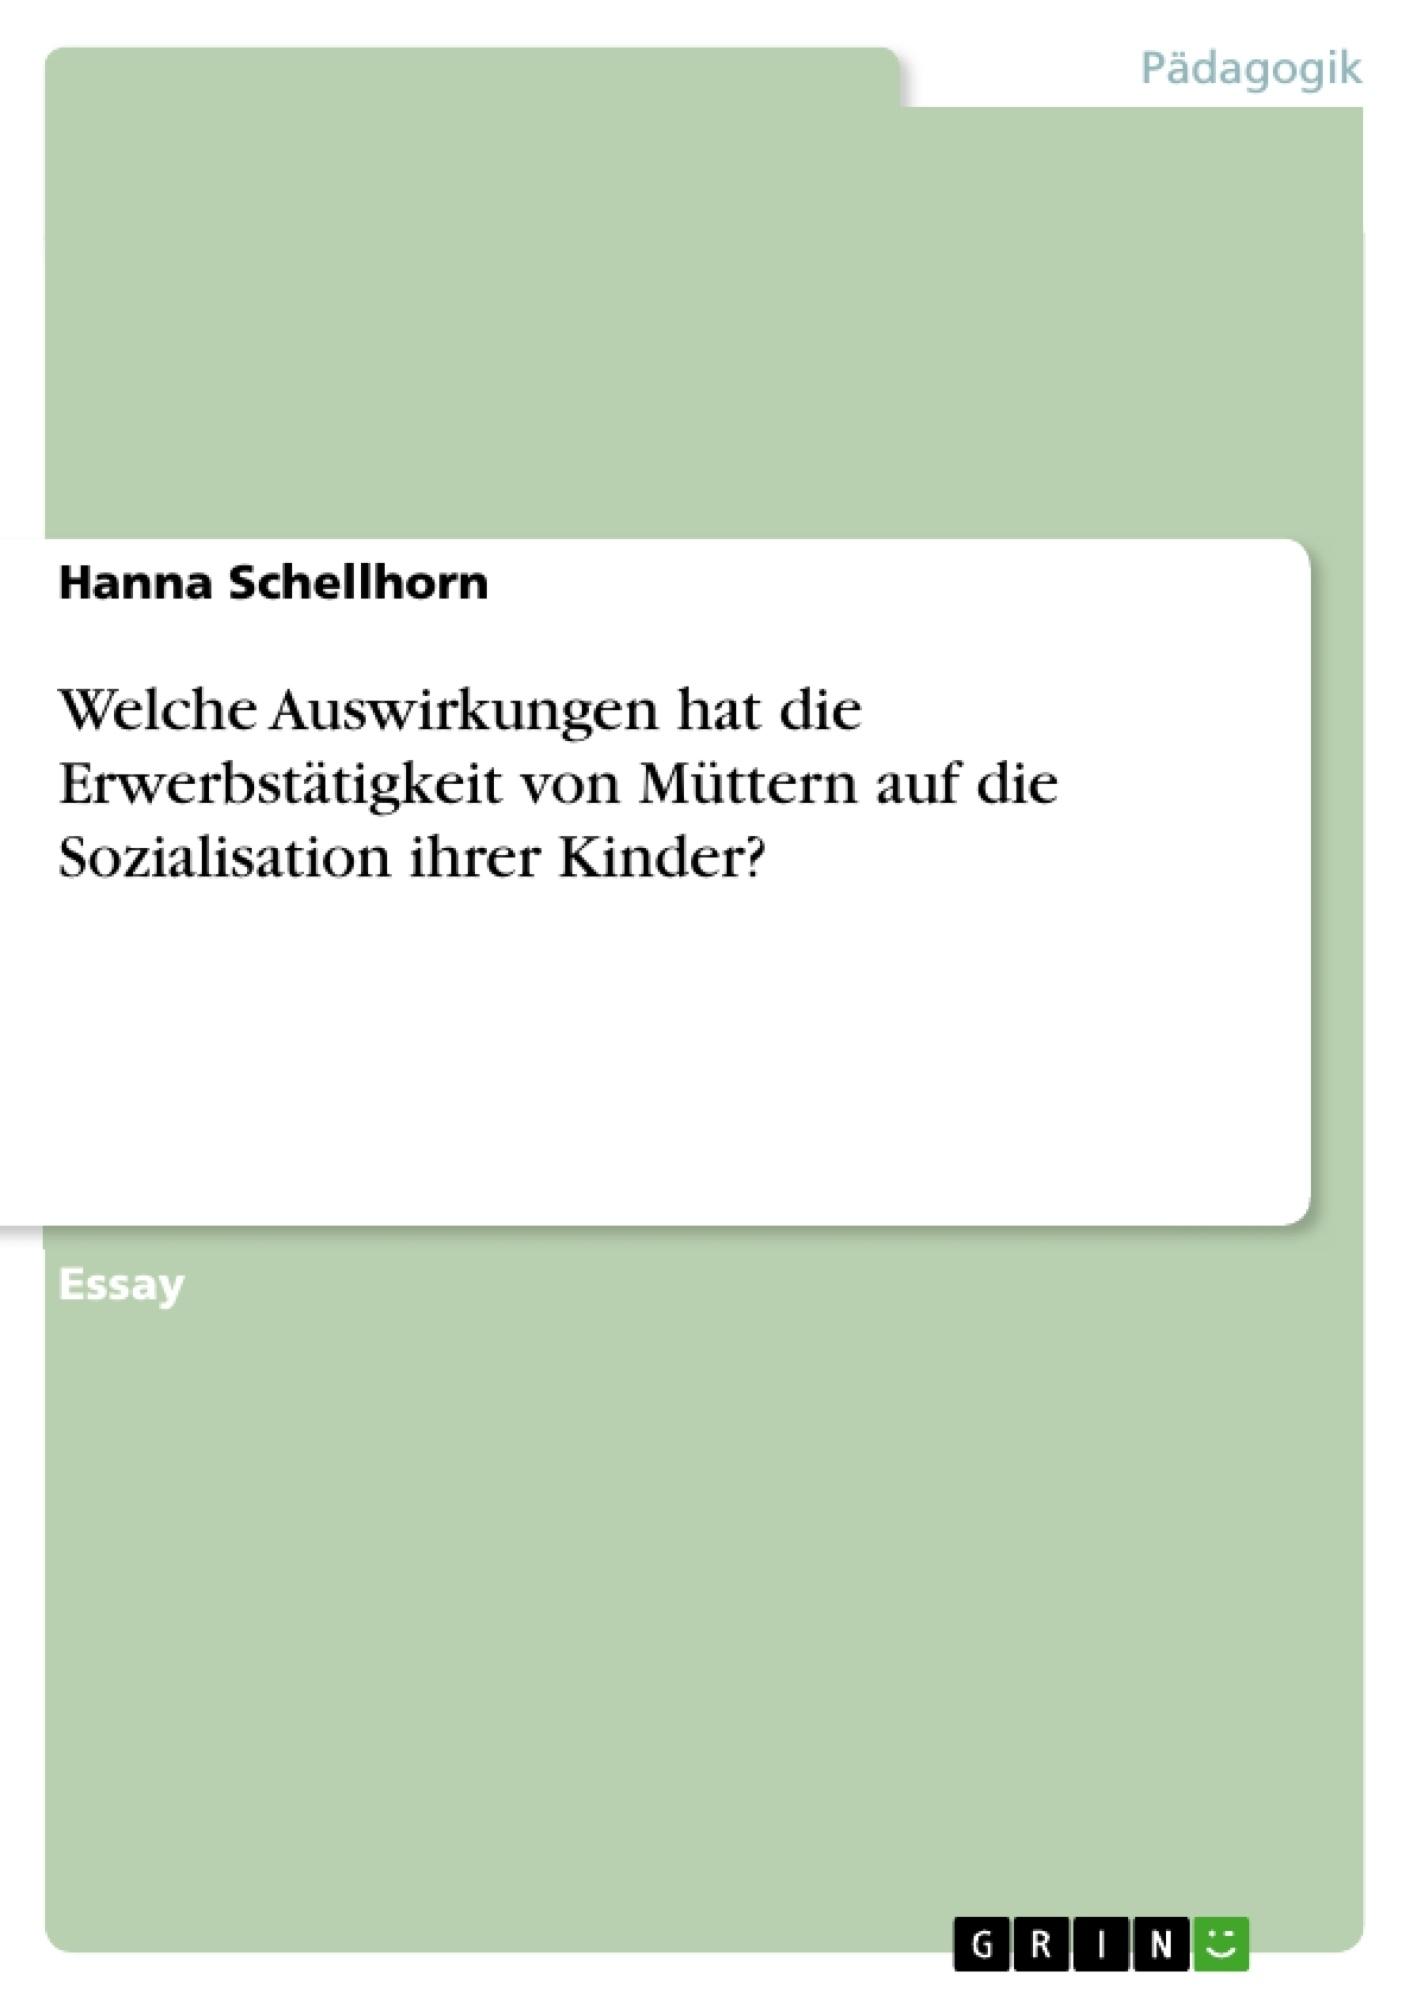 Titel: Welche Auswirkungen hat die Erwerbstätigkeit von Müttern auf die Sozialisation ihrer Kinder?